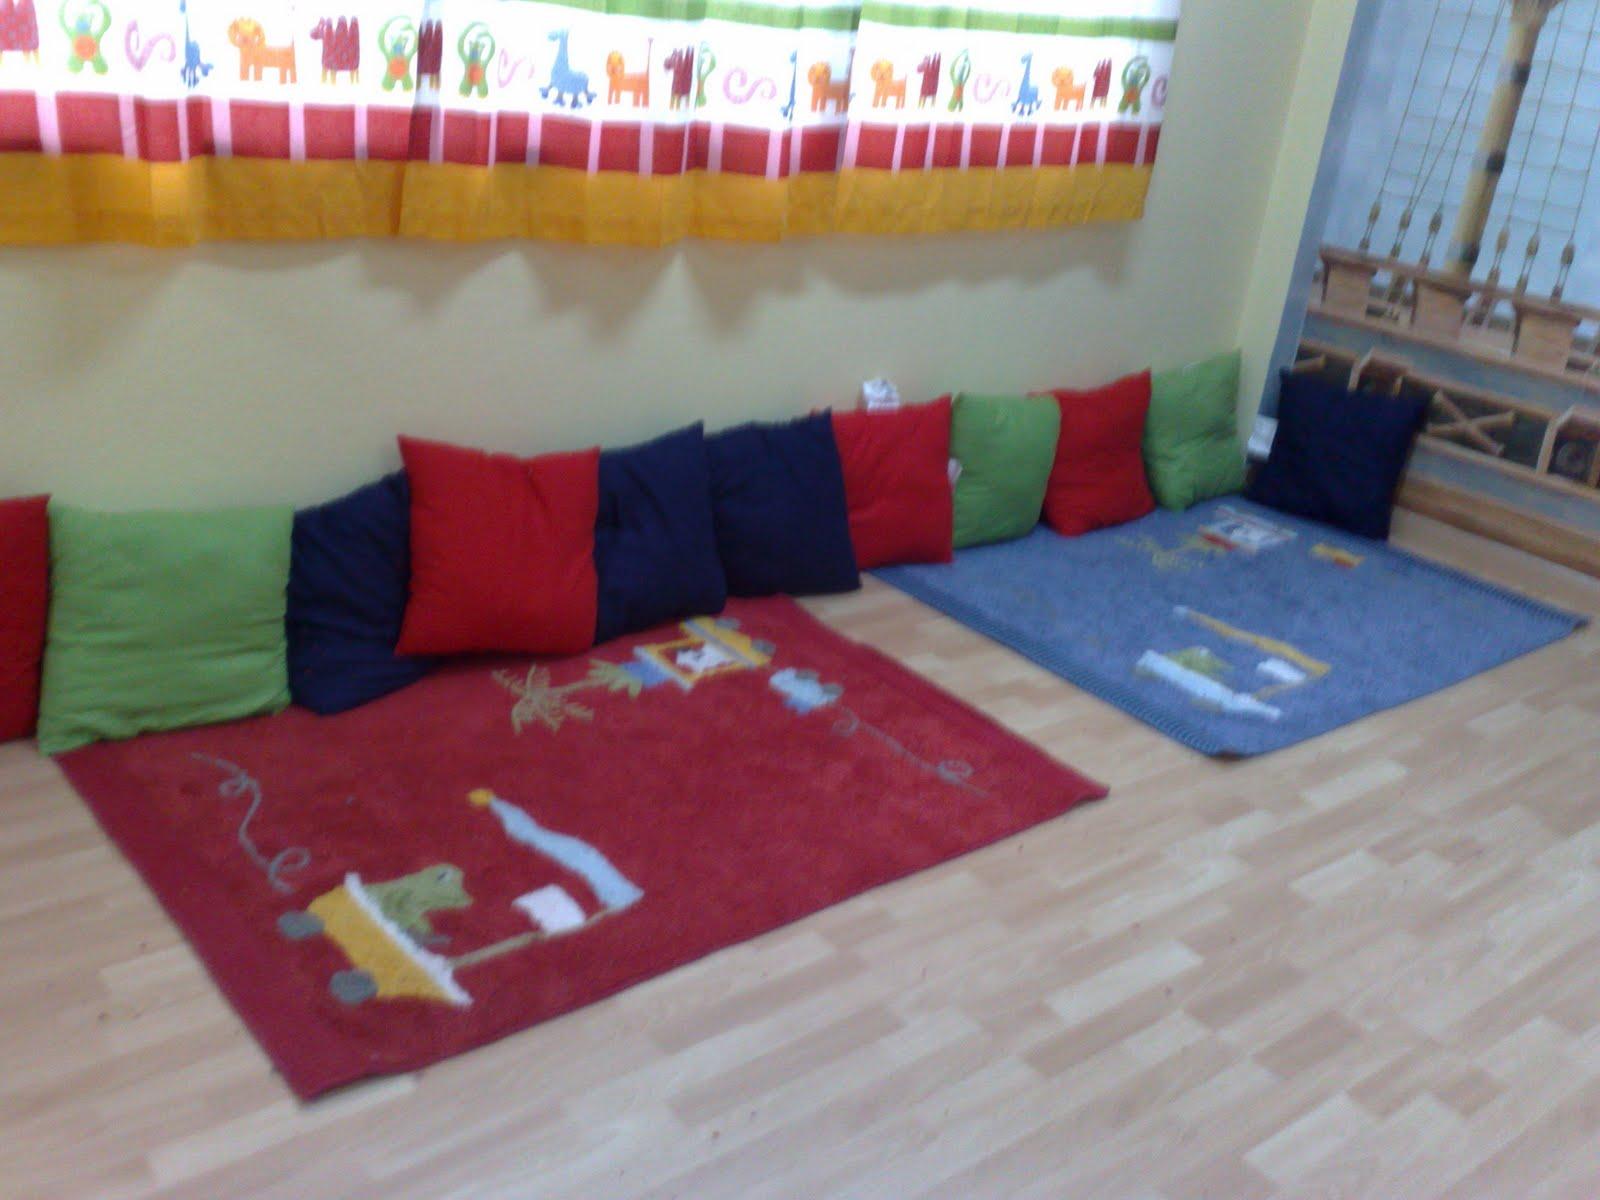 Vivencias especiales recursos e ideas de una maestra - Cojines grandes para suelo ...